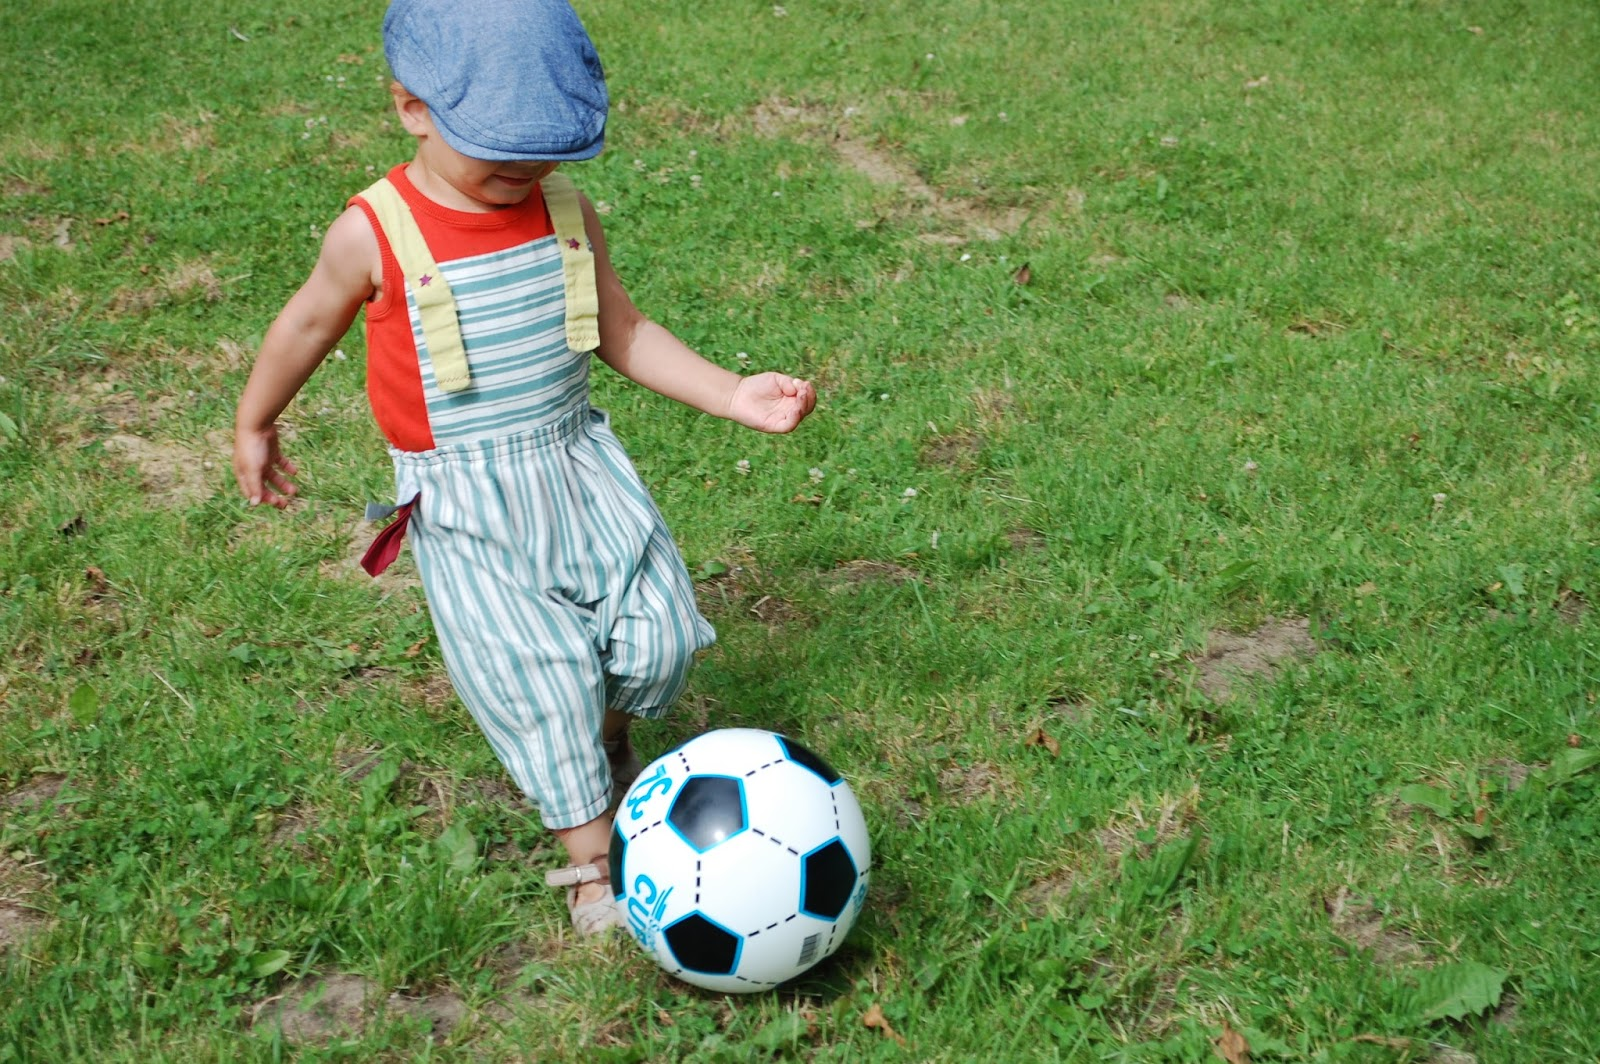 Mamandala et petit chou sobri t une invitation dans - Fille joue au foot ...